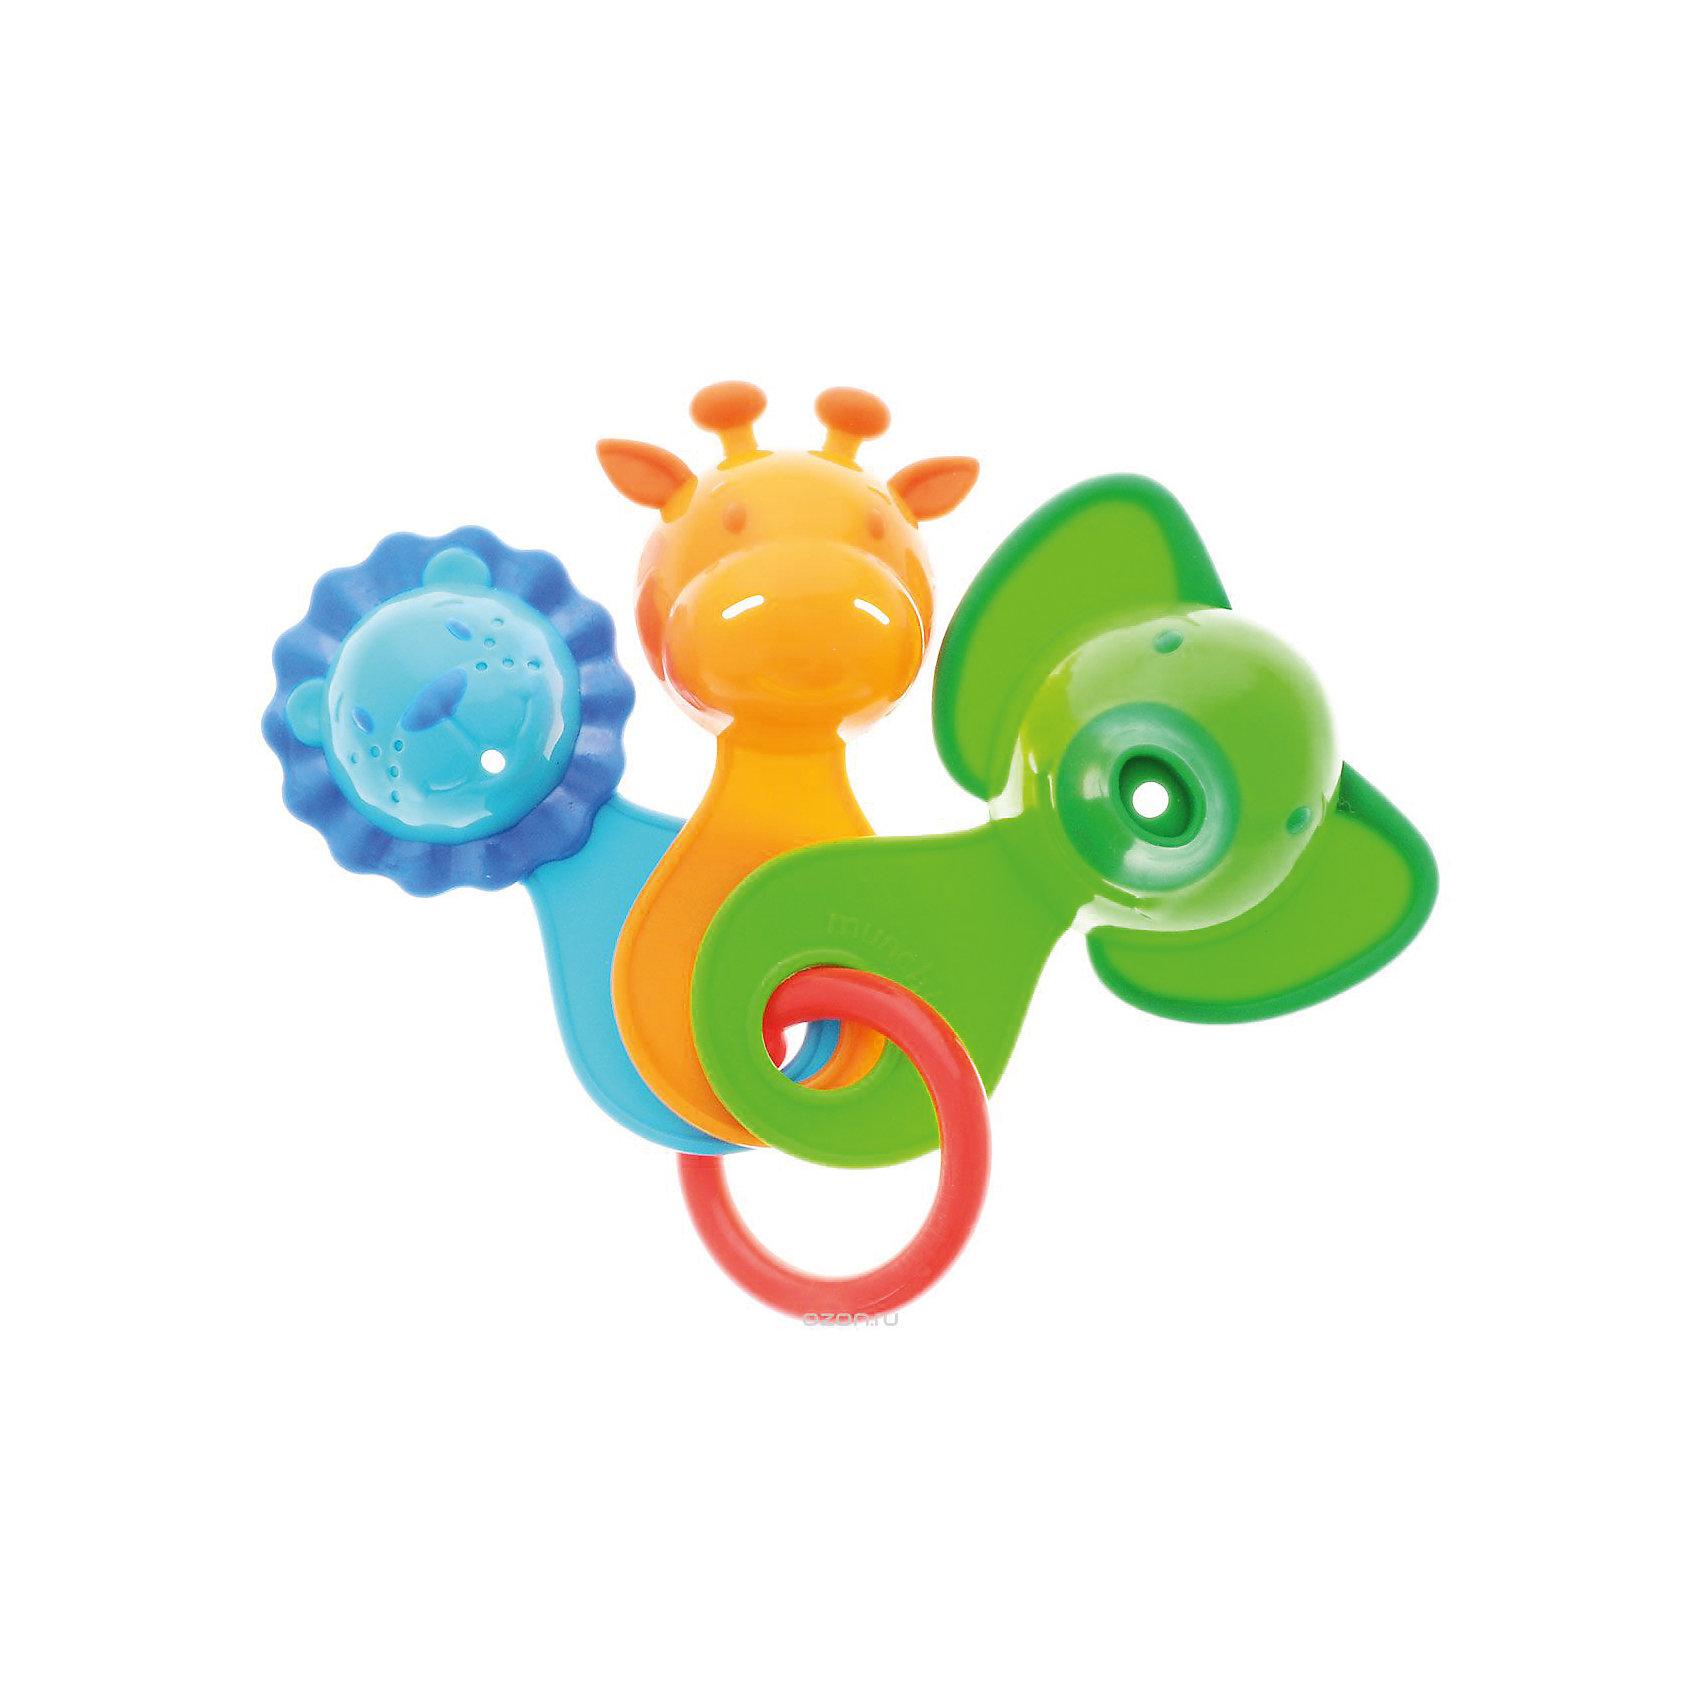 Игрушка для ванны Весёлые ситечки 6+, Munchkin от myToys